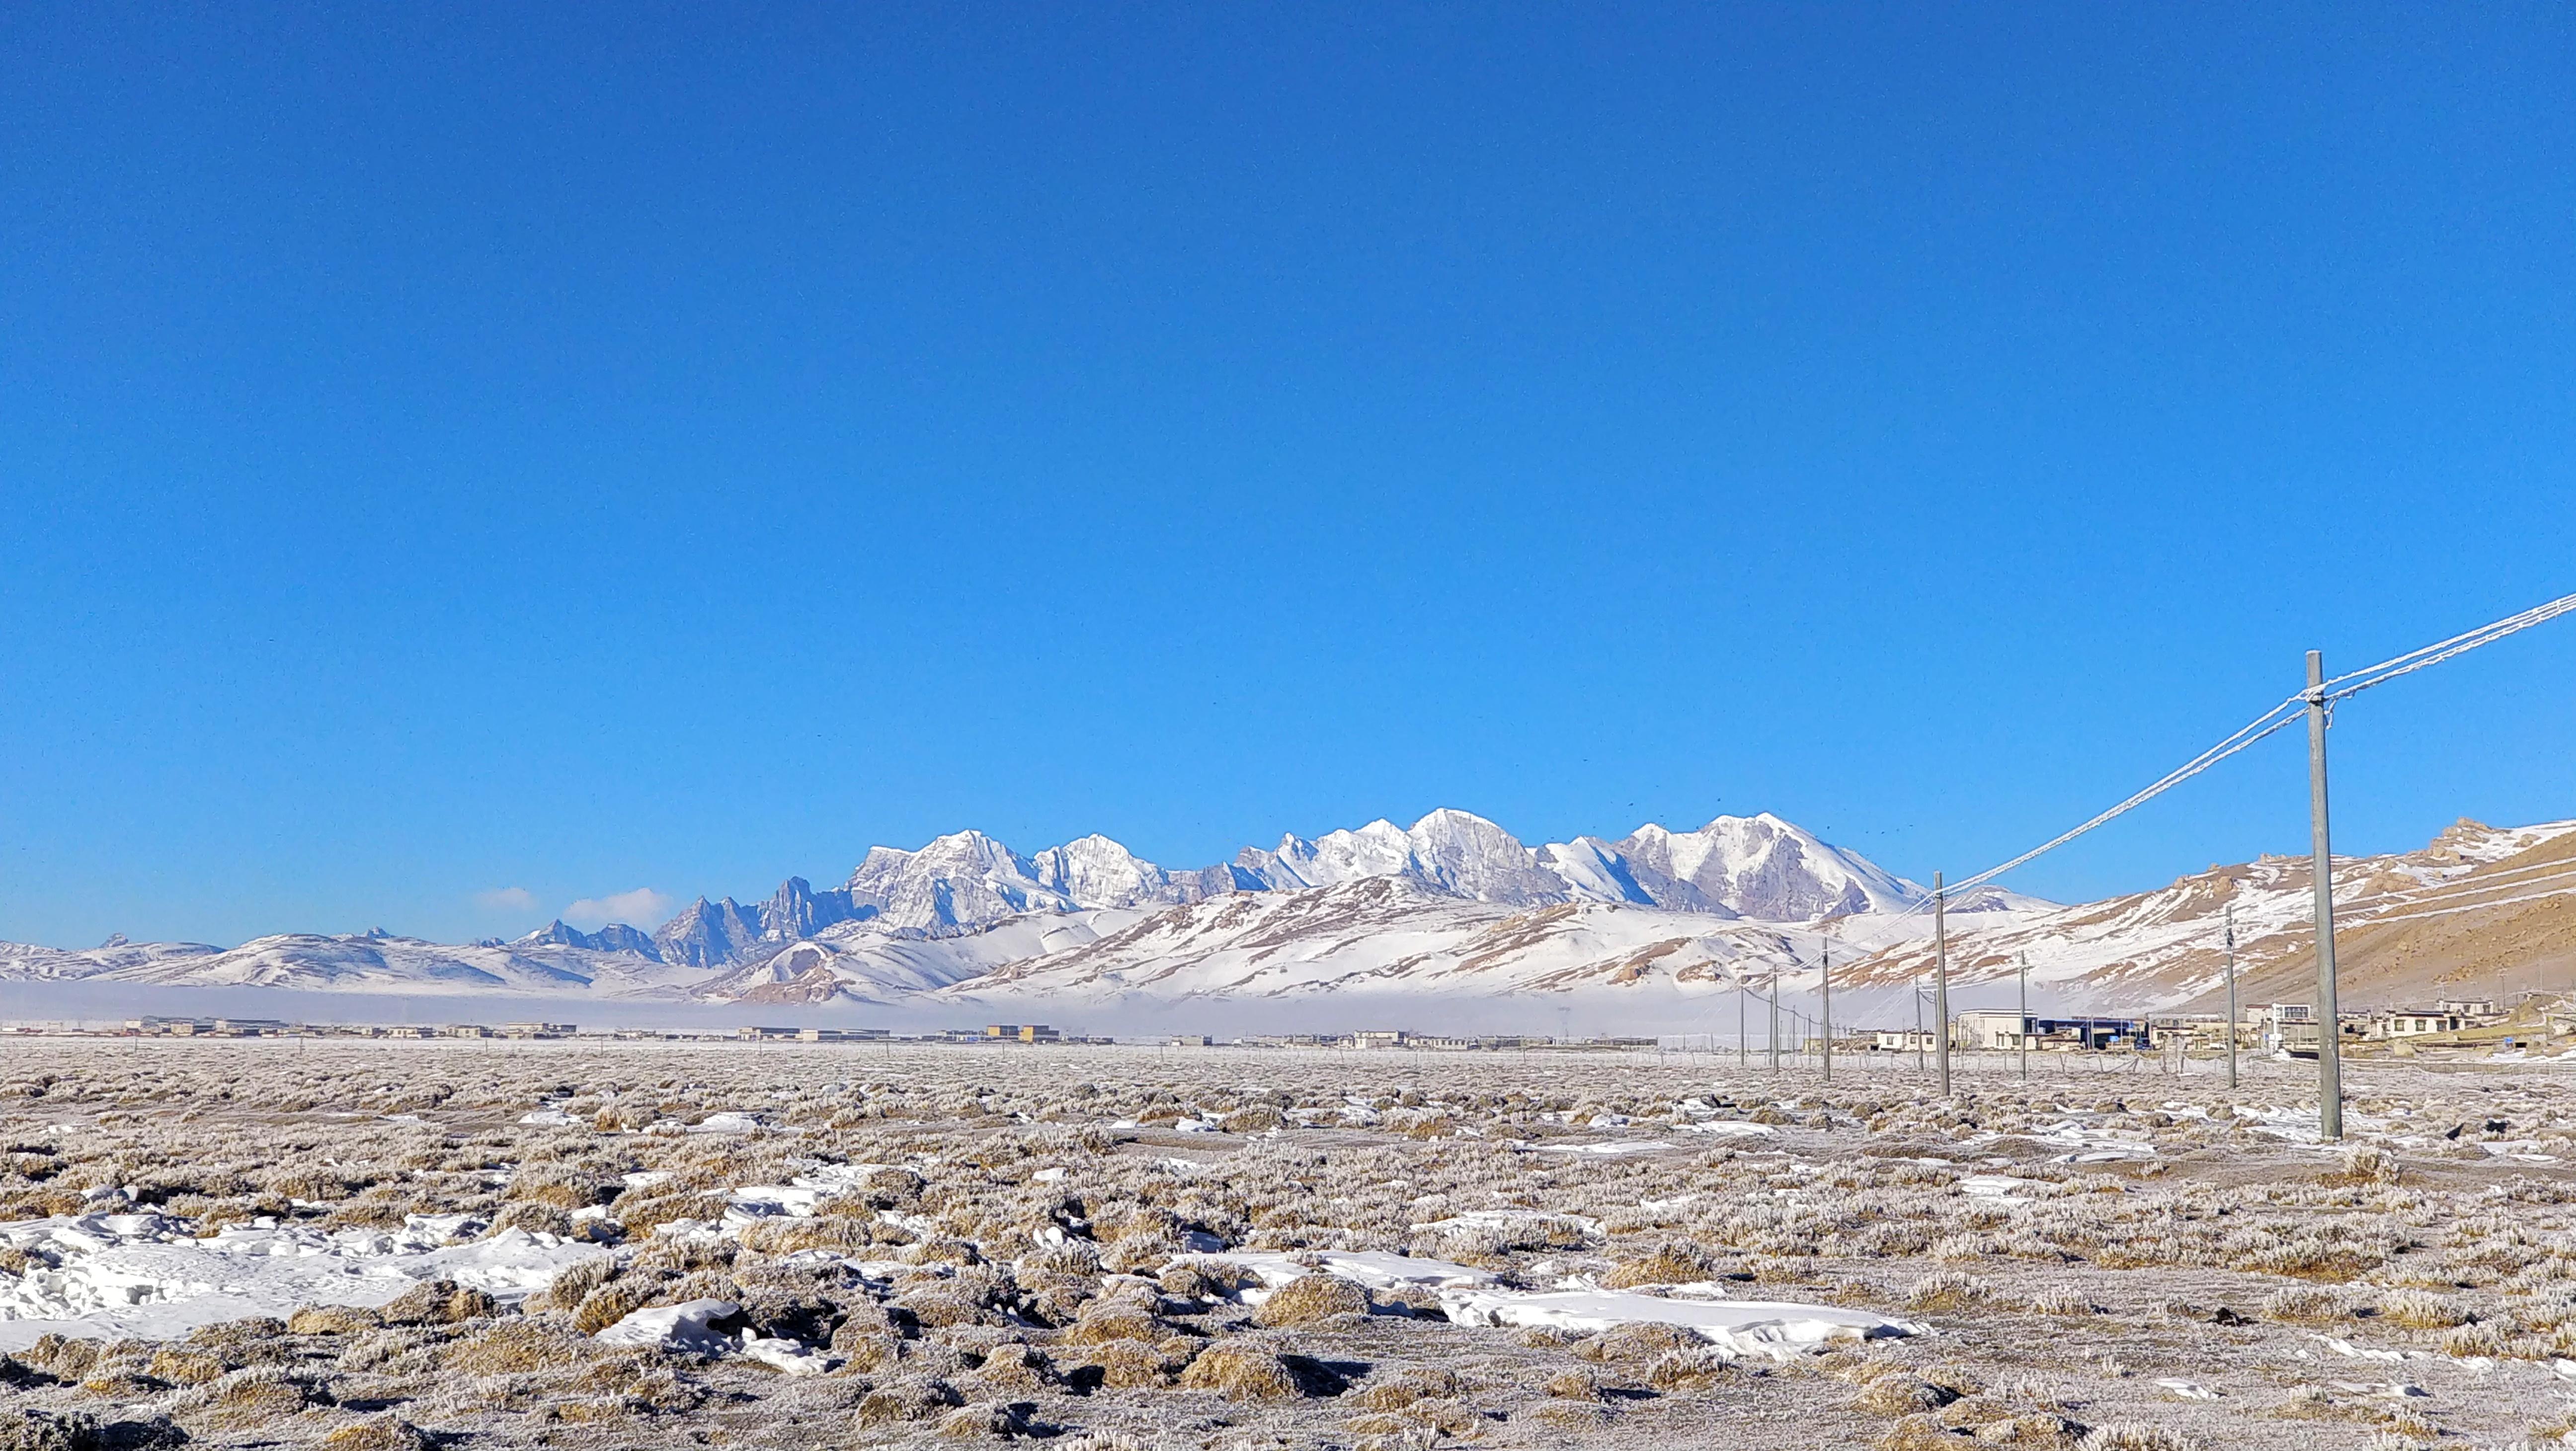 雪景26.jpg